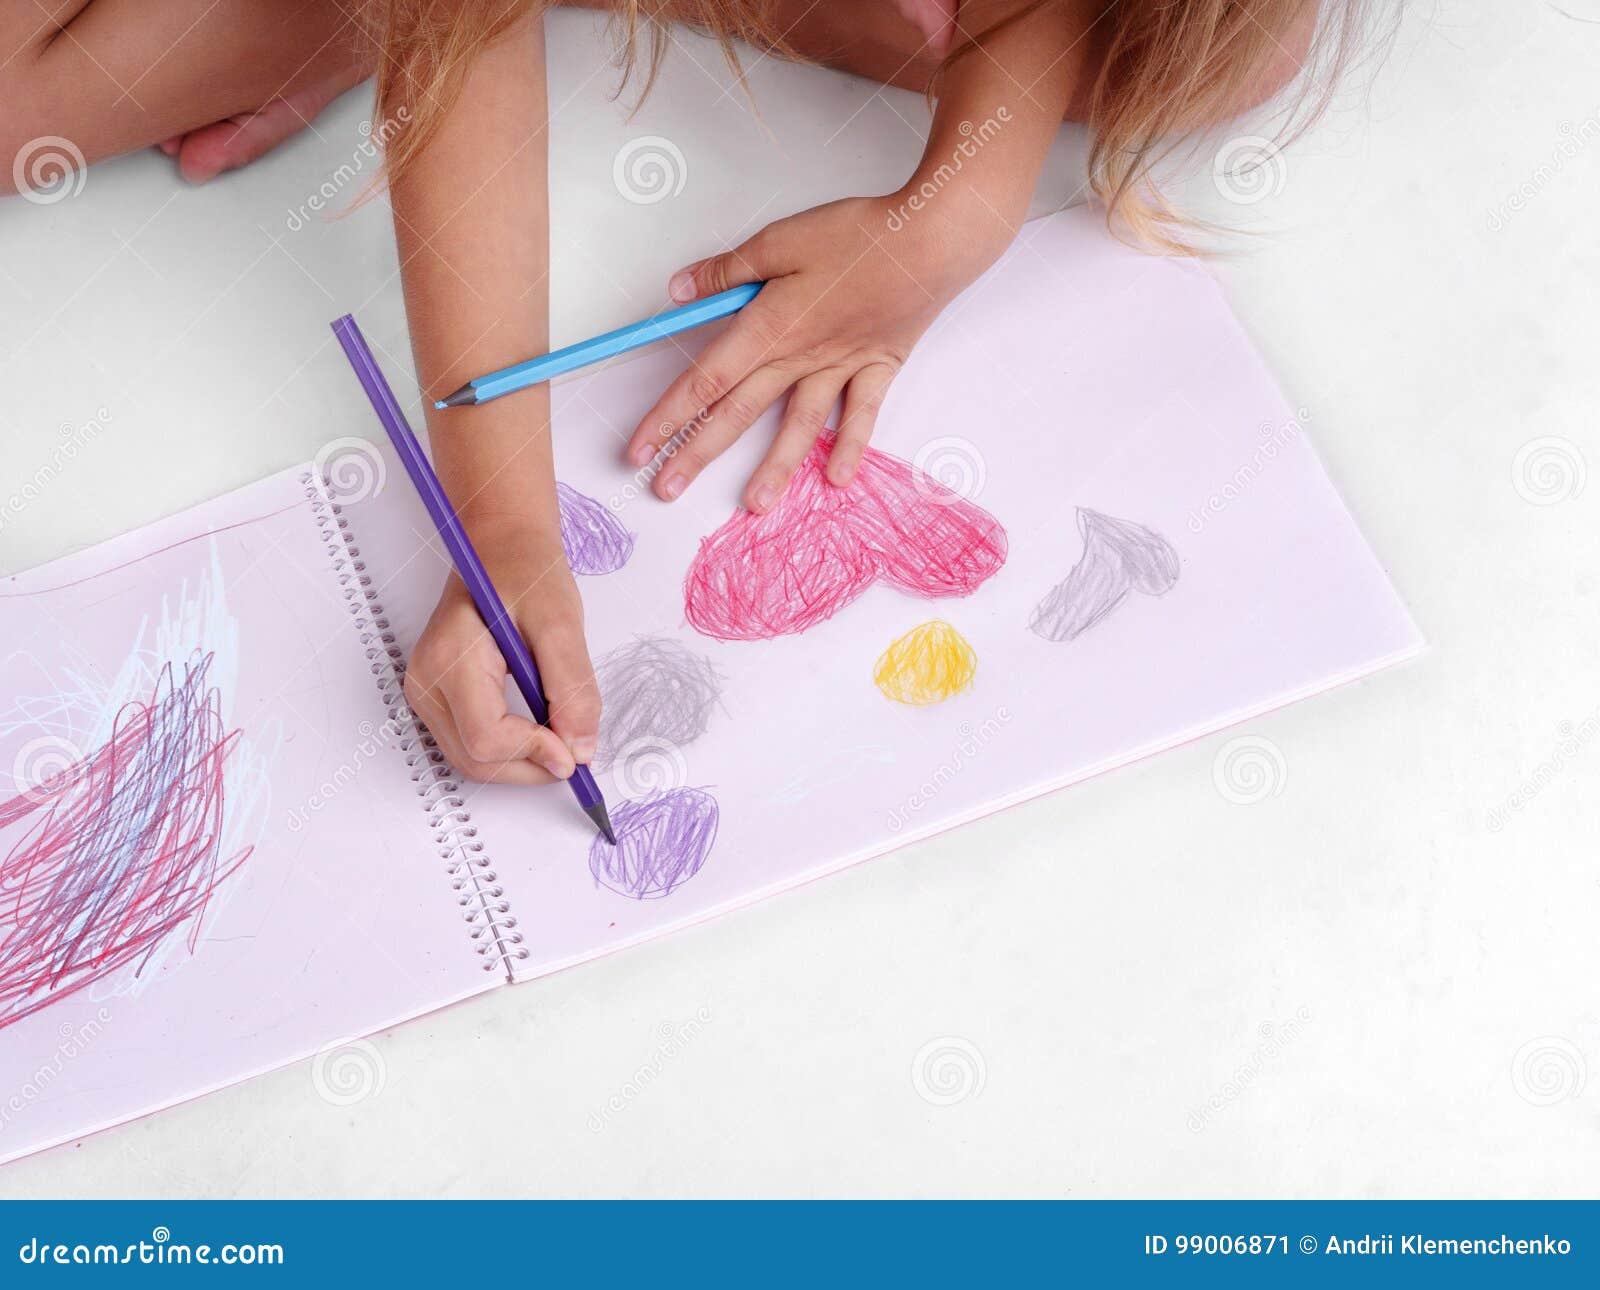 Disegno Di Un Bambino : Primo piano di un disegno della ragazza bambino prescolare che